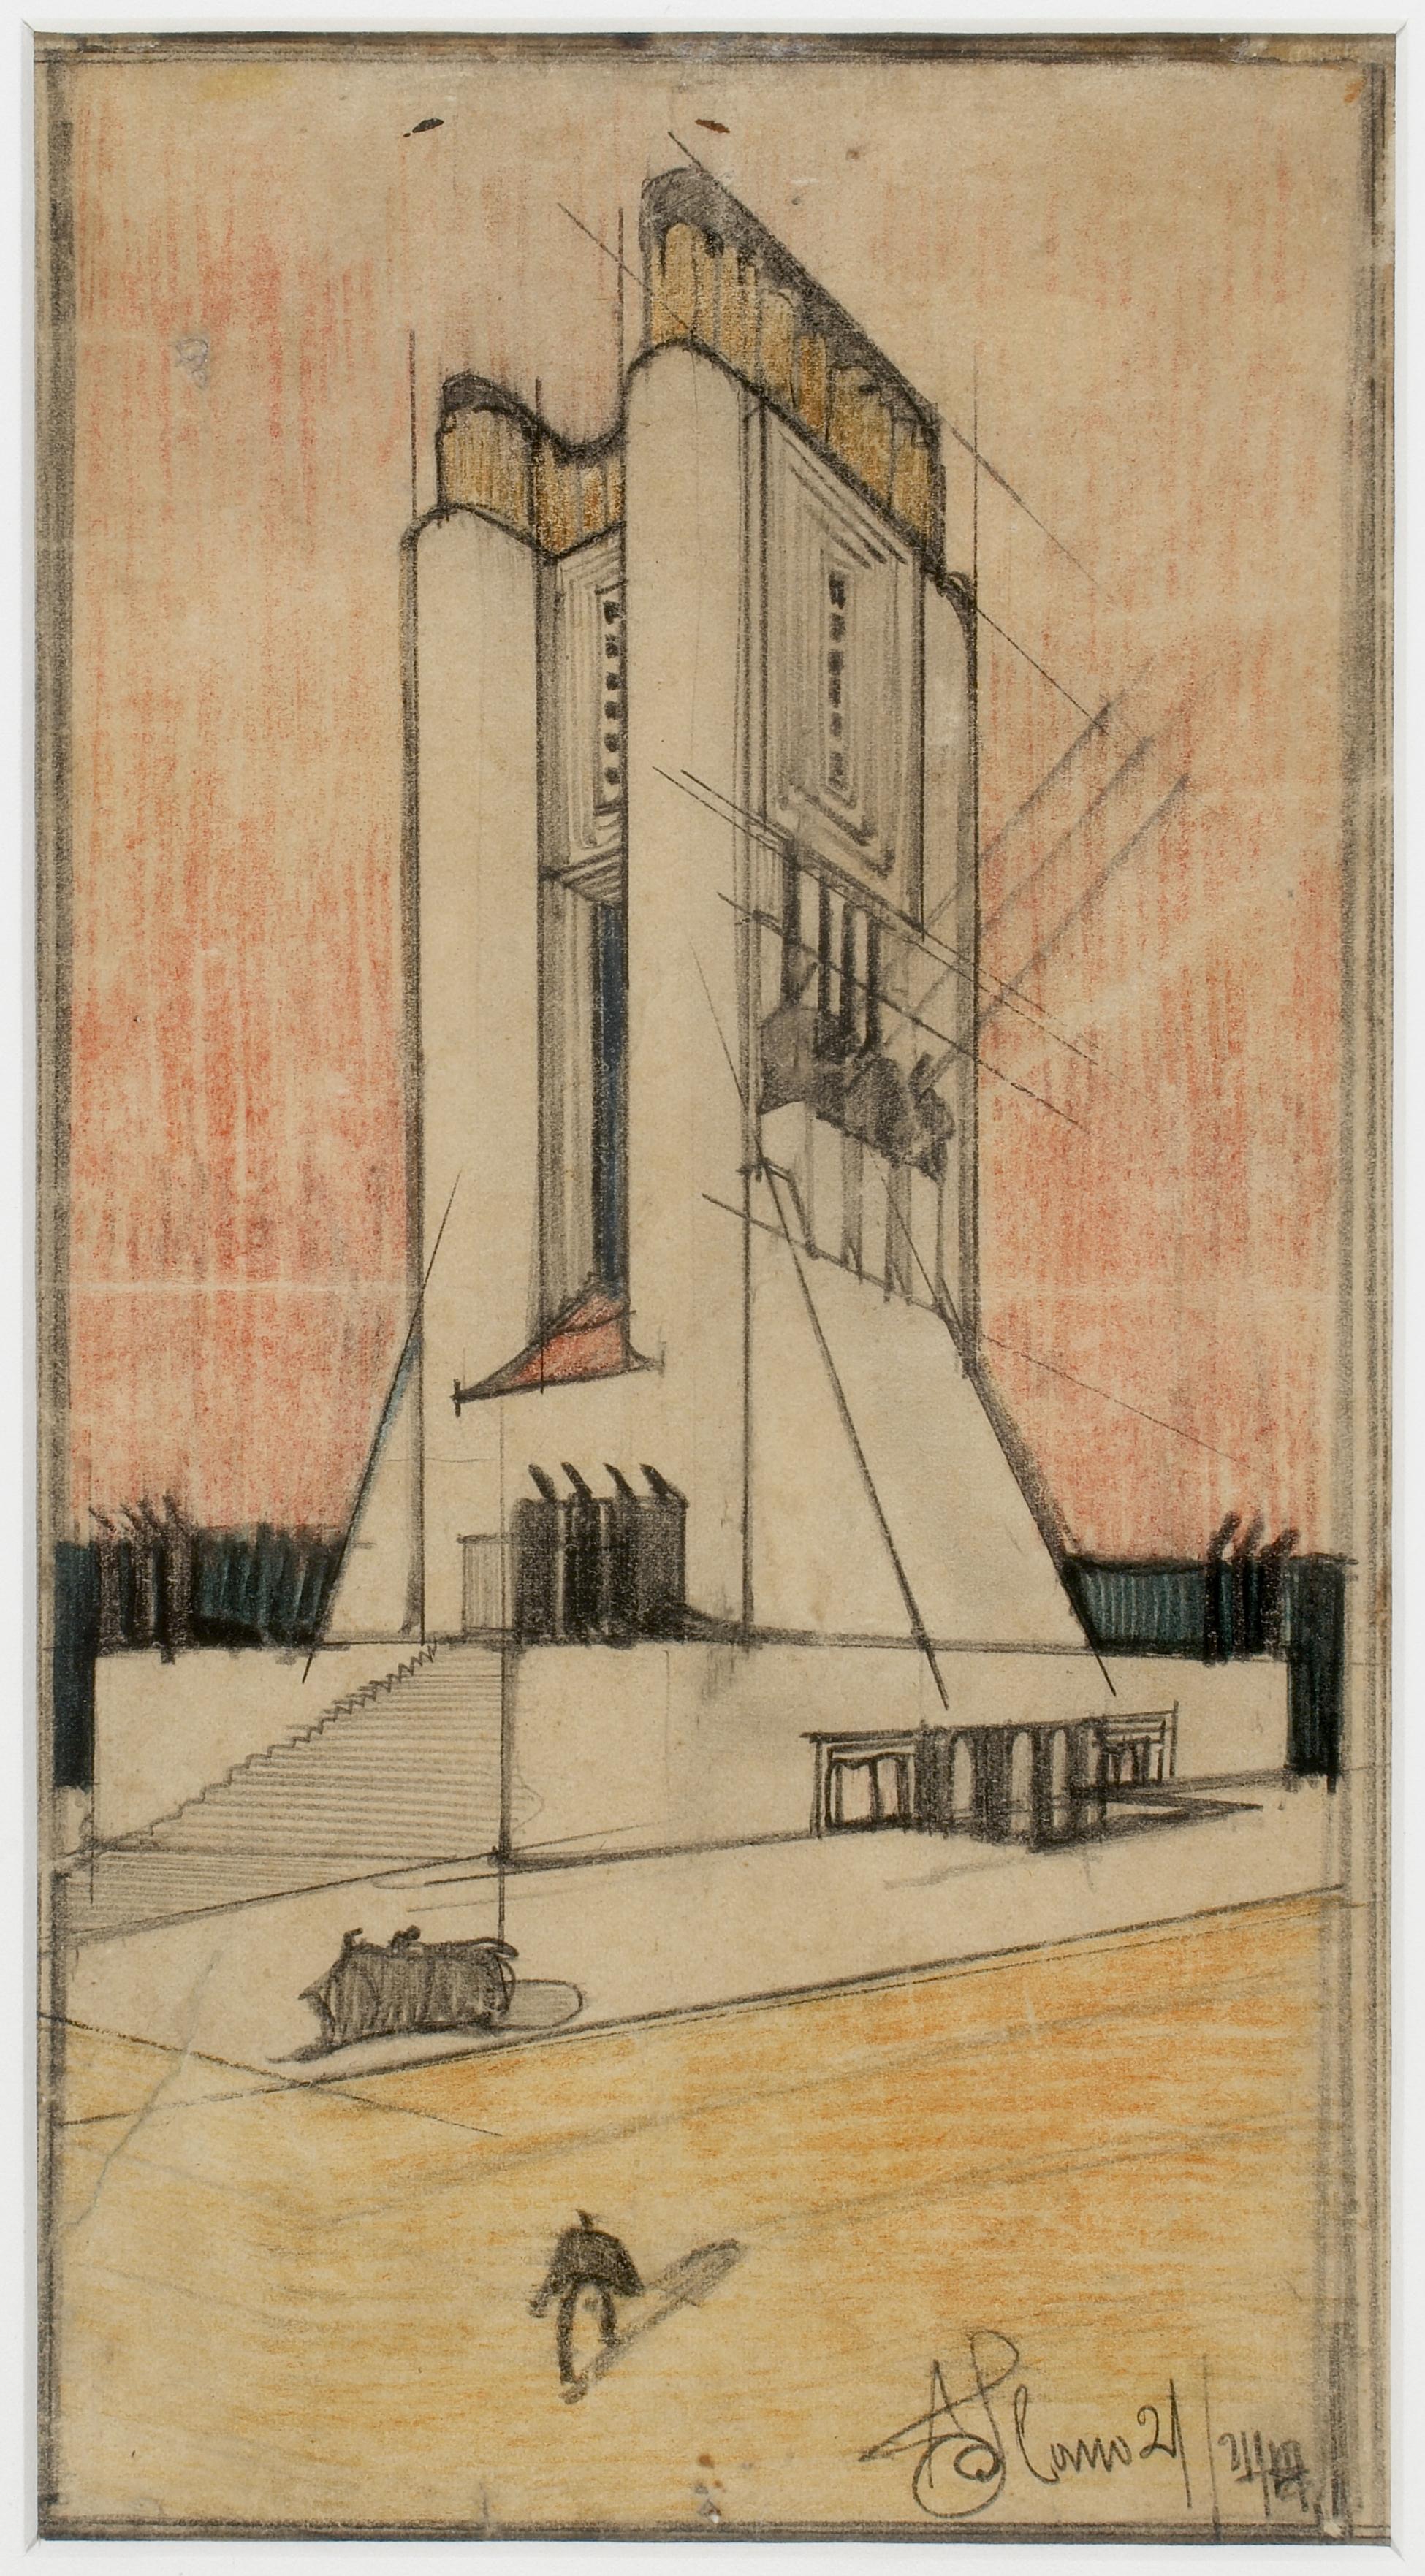 Disegno di Sant'Elia per il Monumento ai Caduti